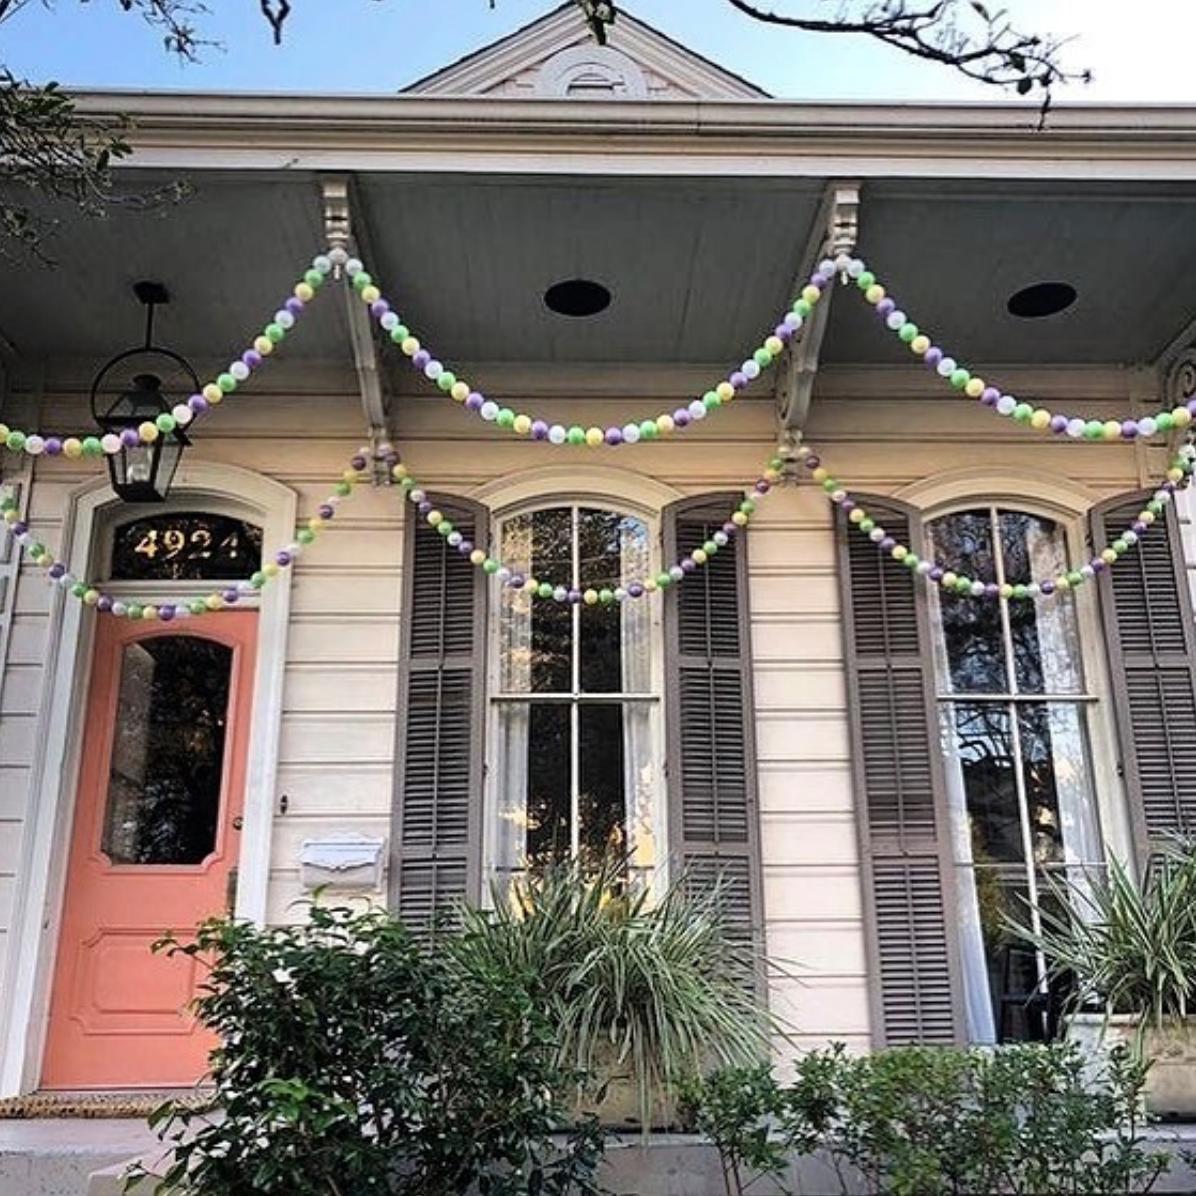 Bead House by @lousballz